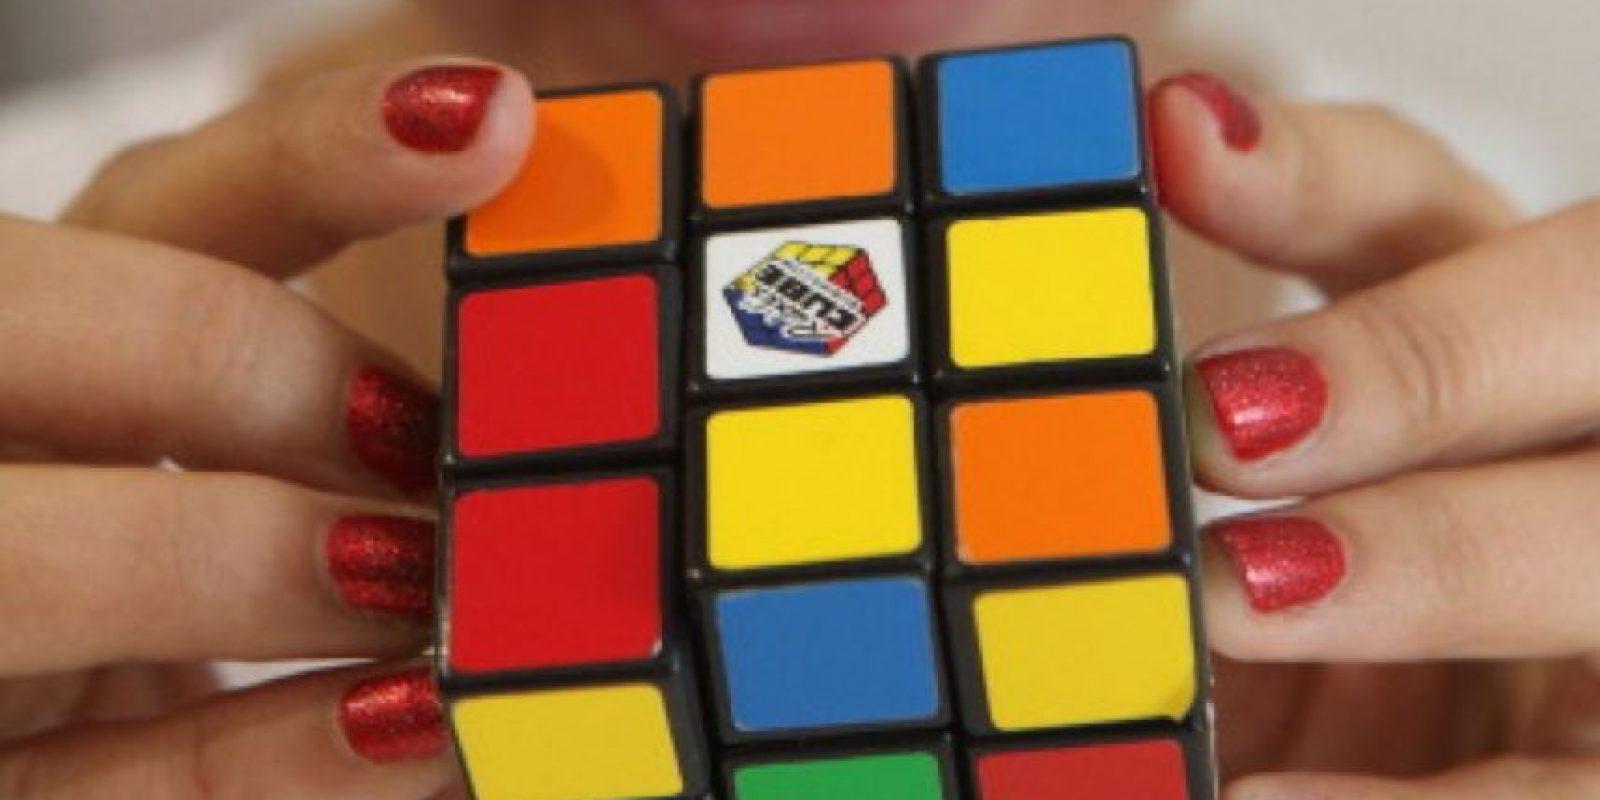 Cubo de Rubik fue inventado en 1974 por Erno Rubik Foto:Vía Flickr